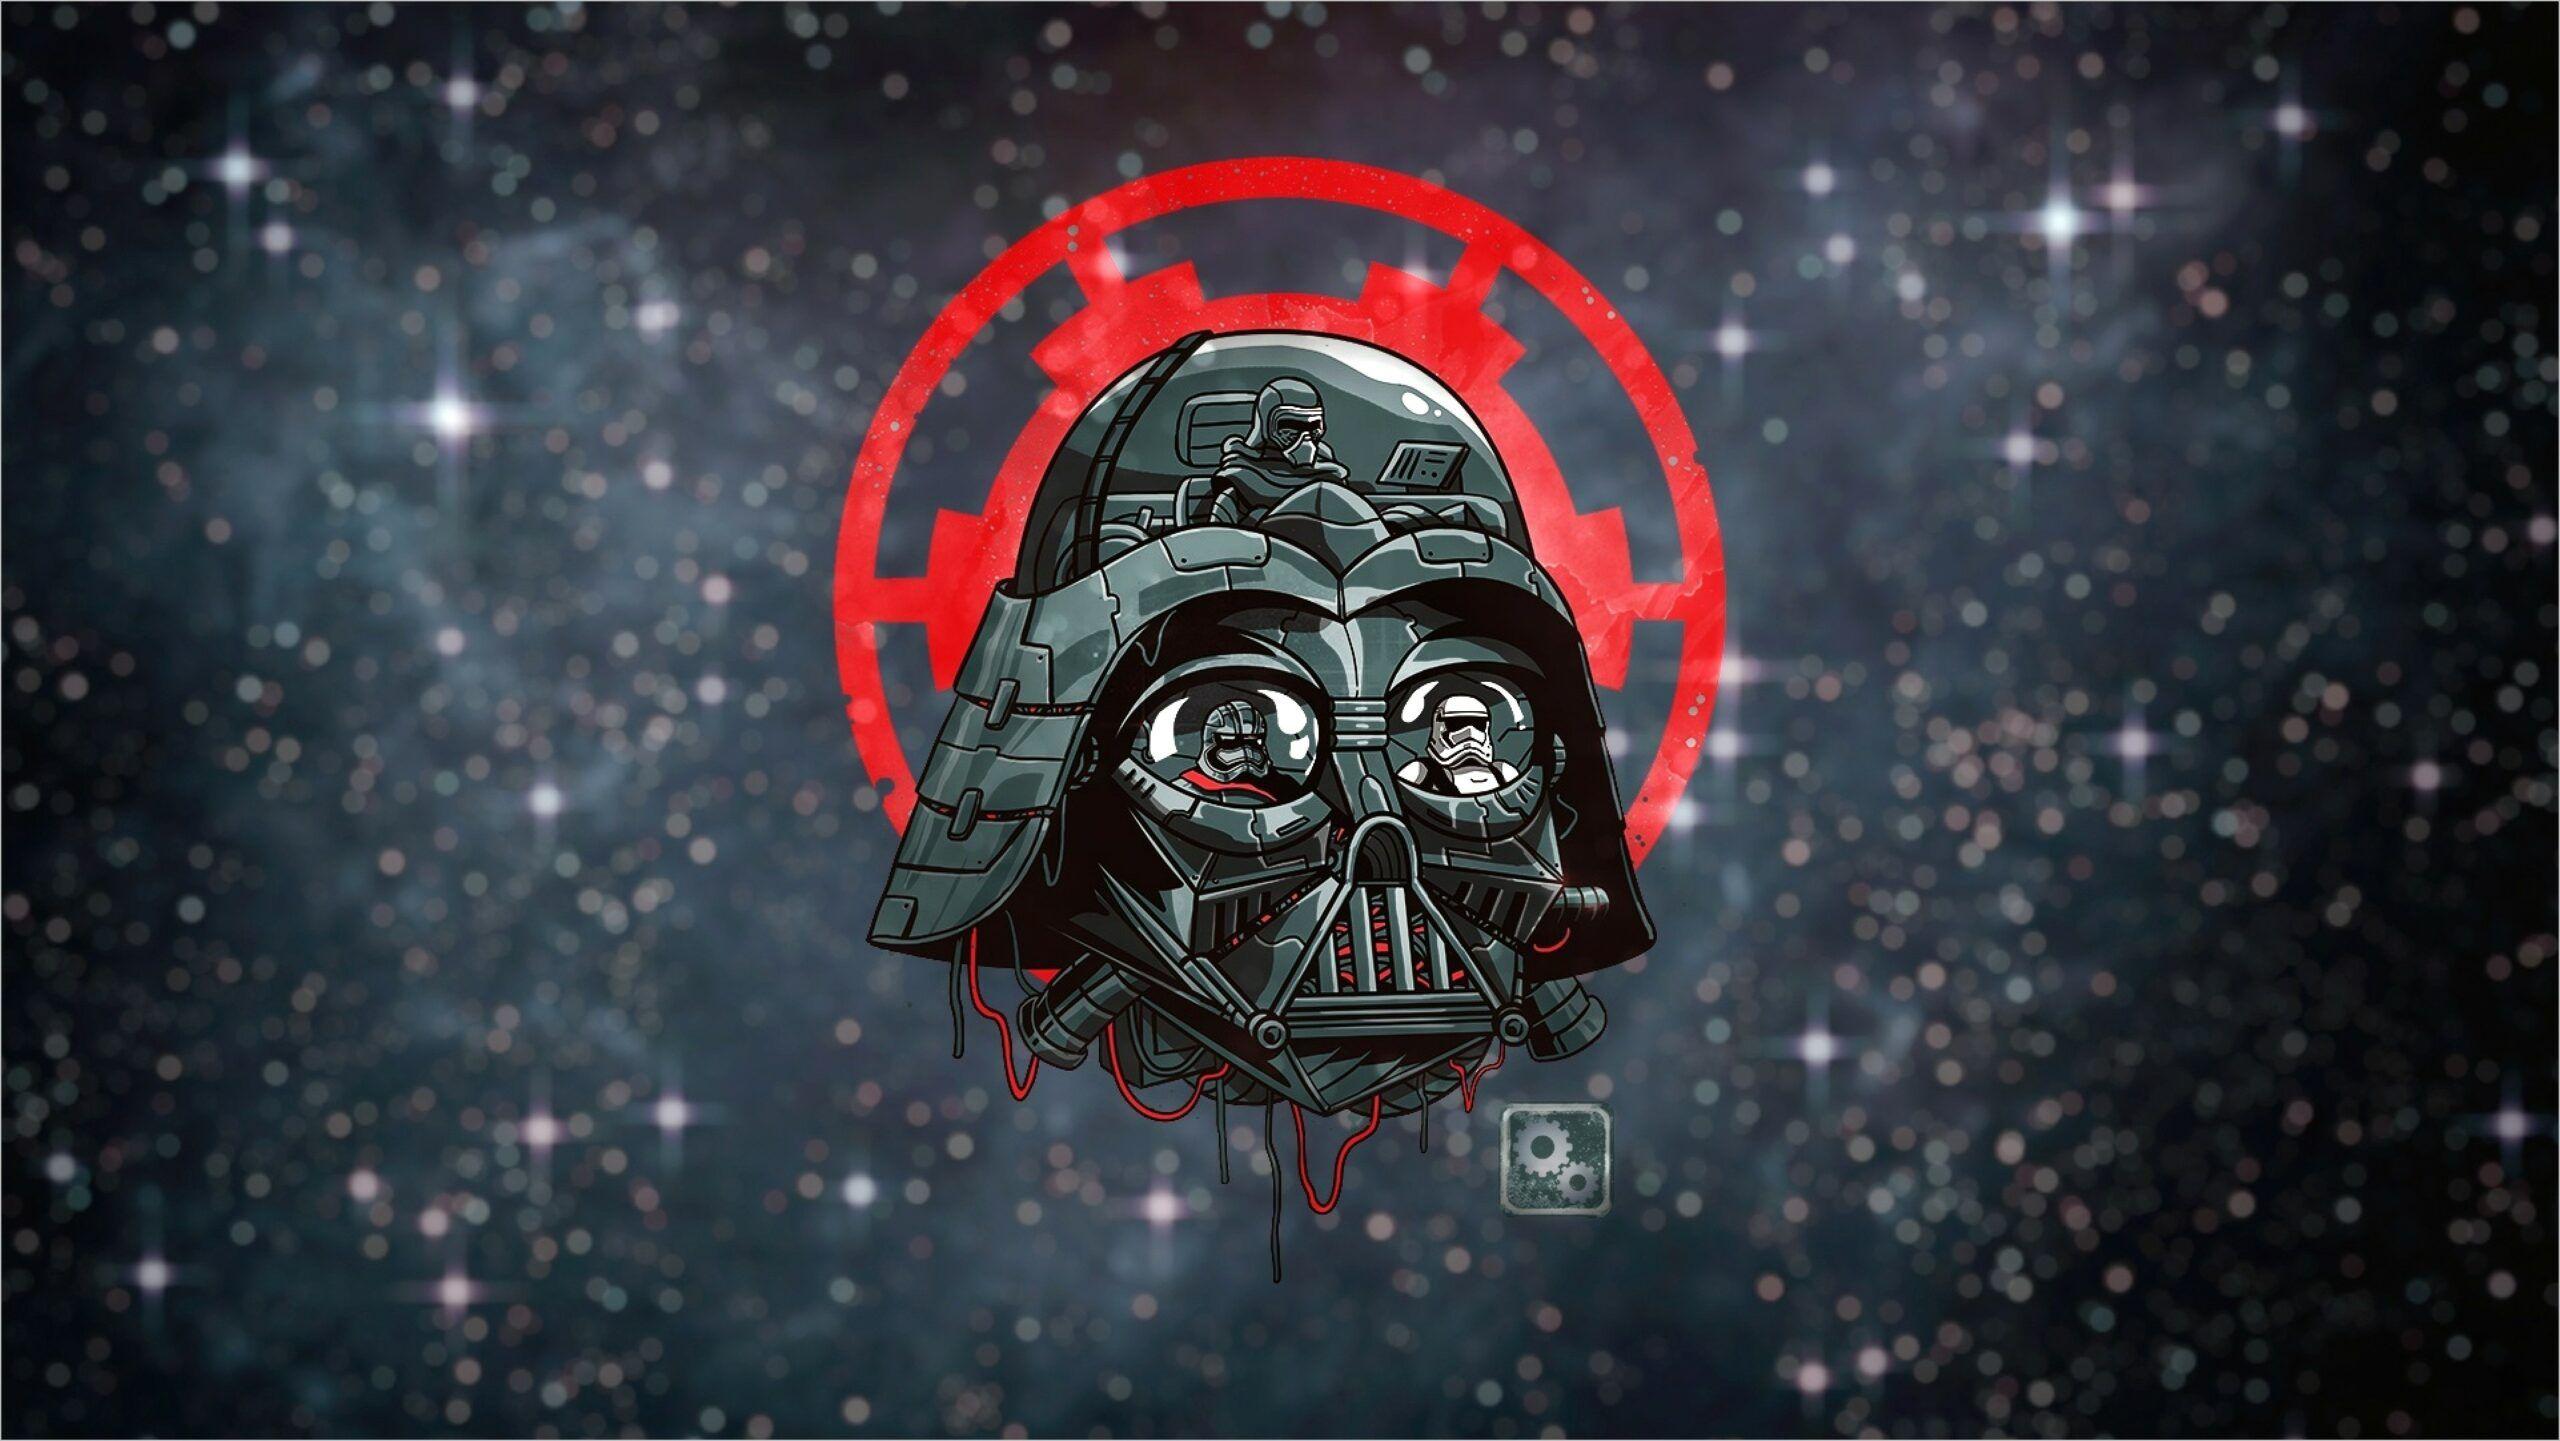 Star Wars Wallpaper 4k Darth Vader Star Wars Wallpaper Star Wars Wallpaper 4k Darth Vader